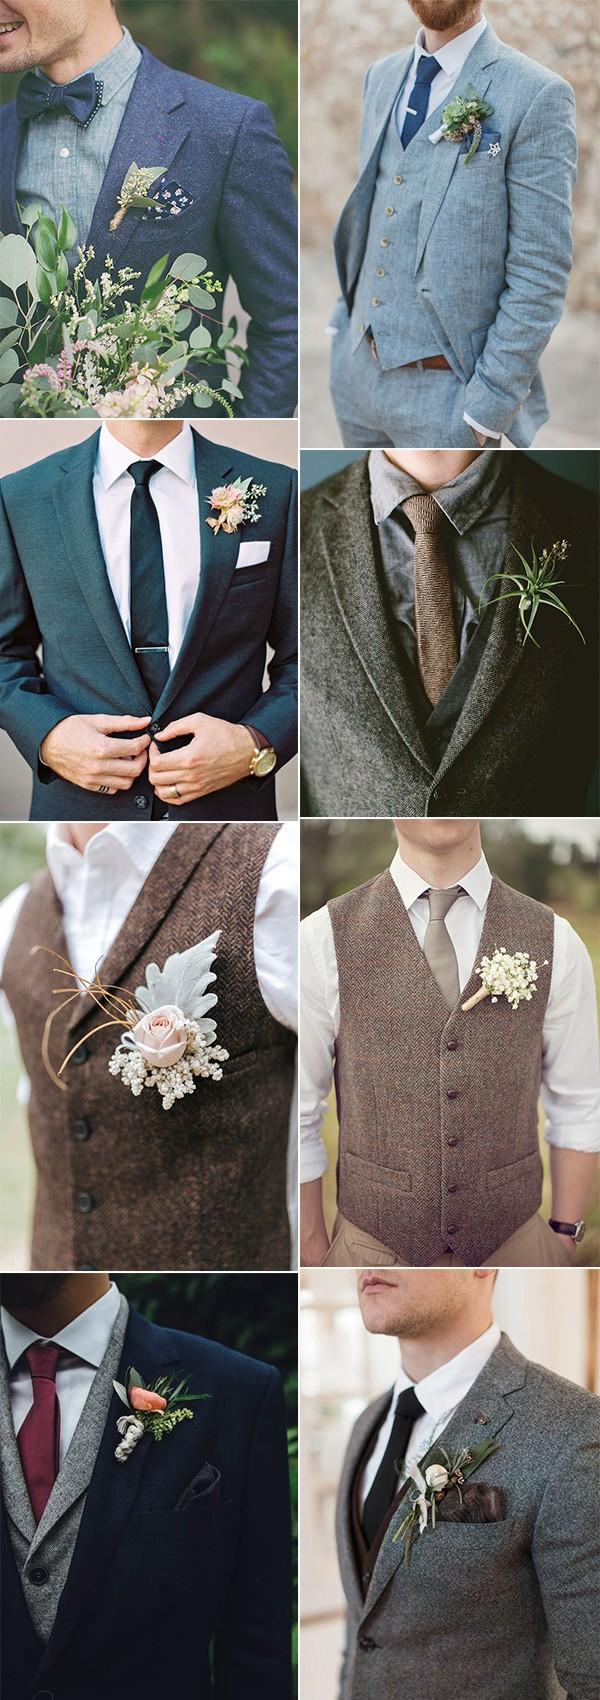 trending groom's wedding suit ideas for 2019